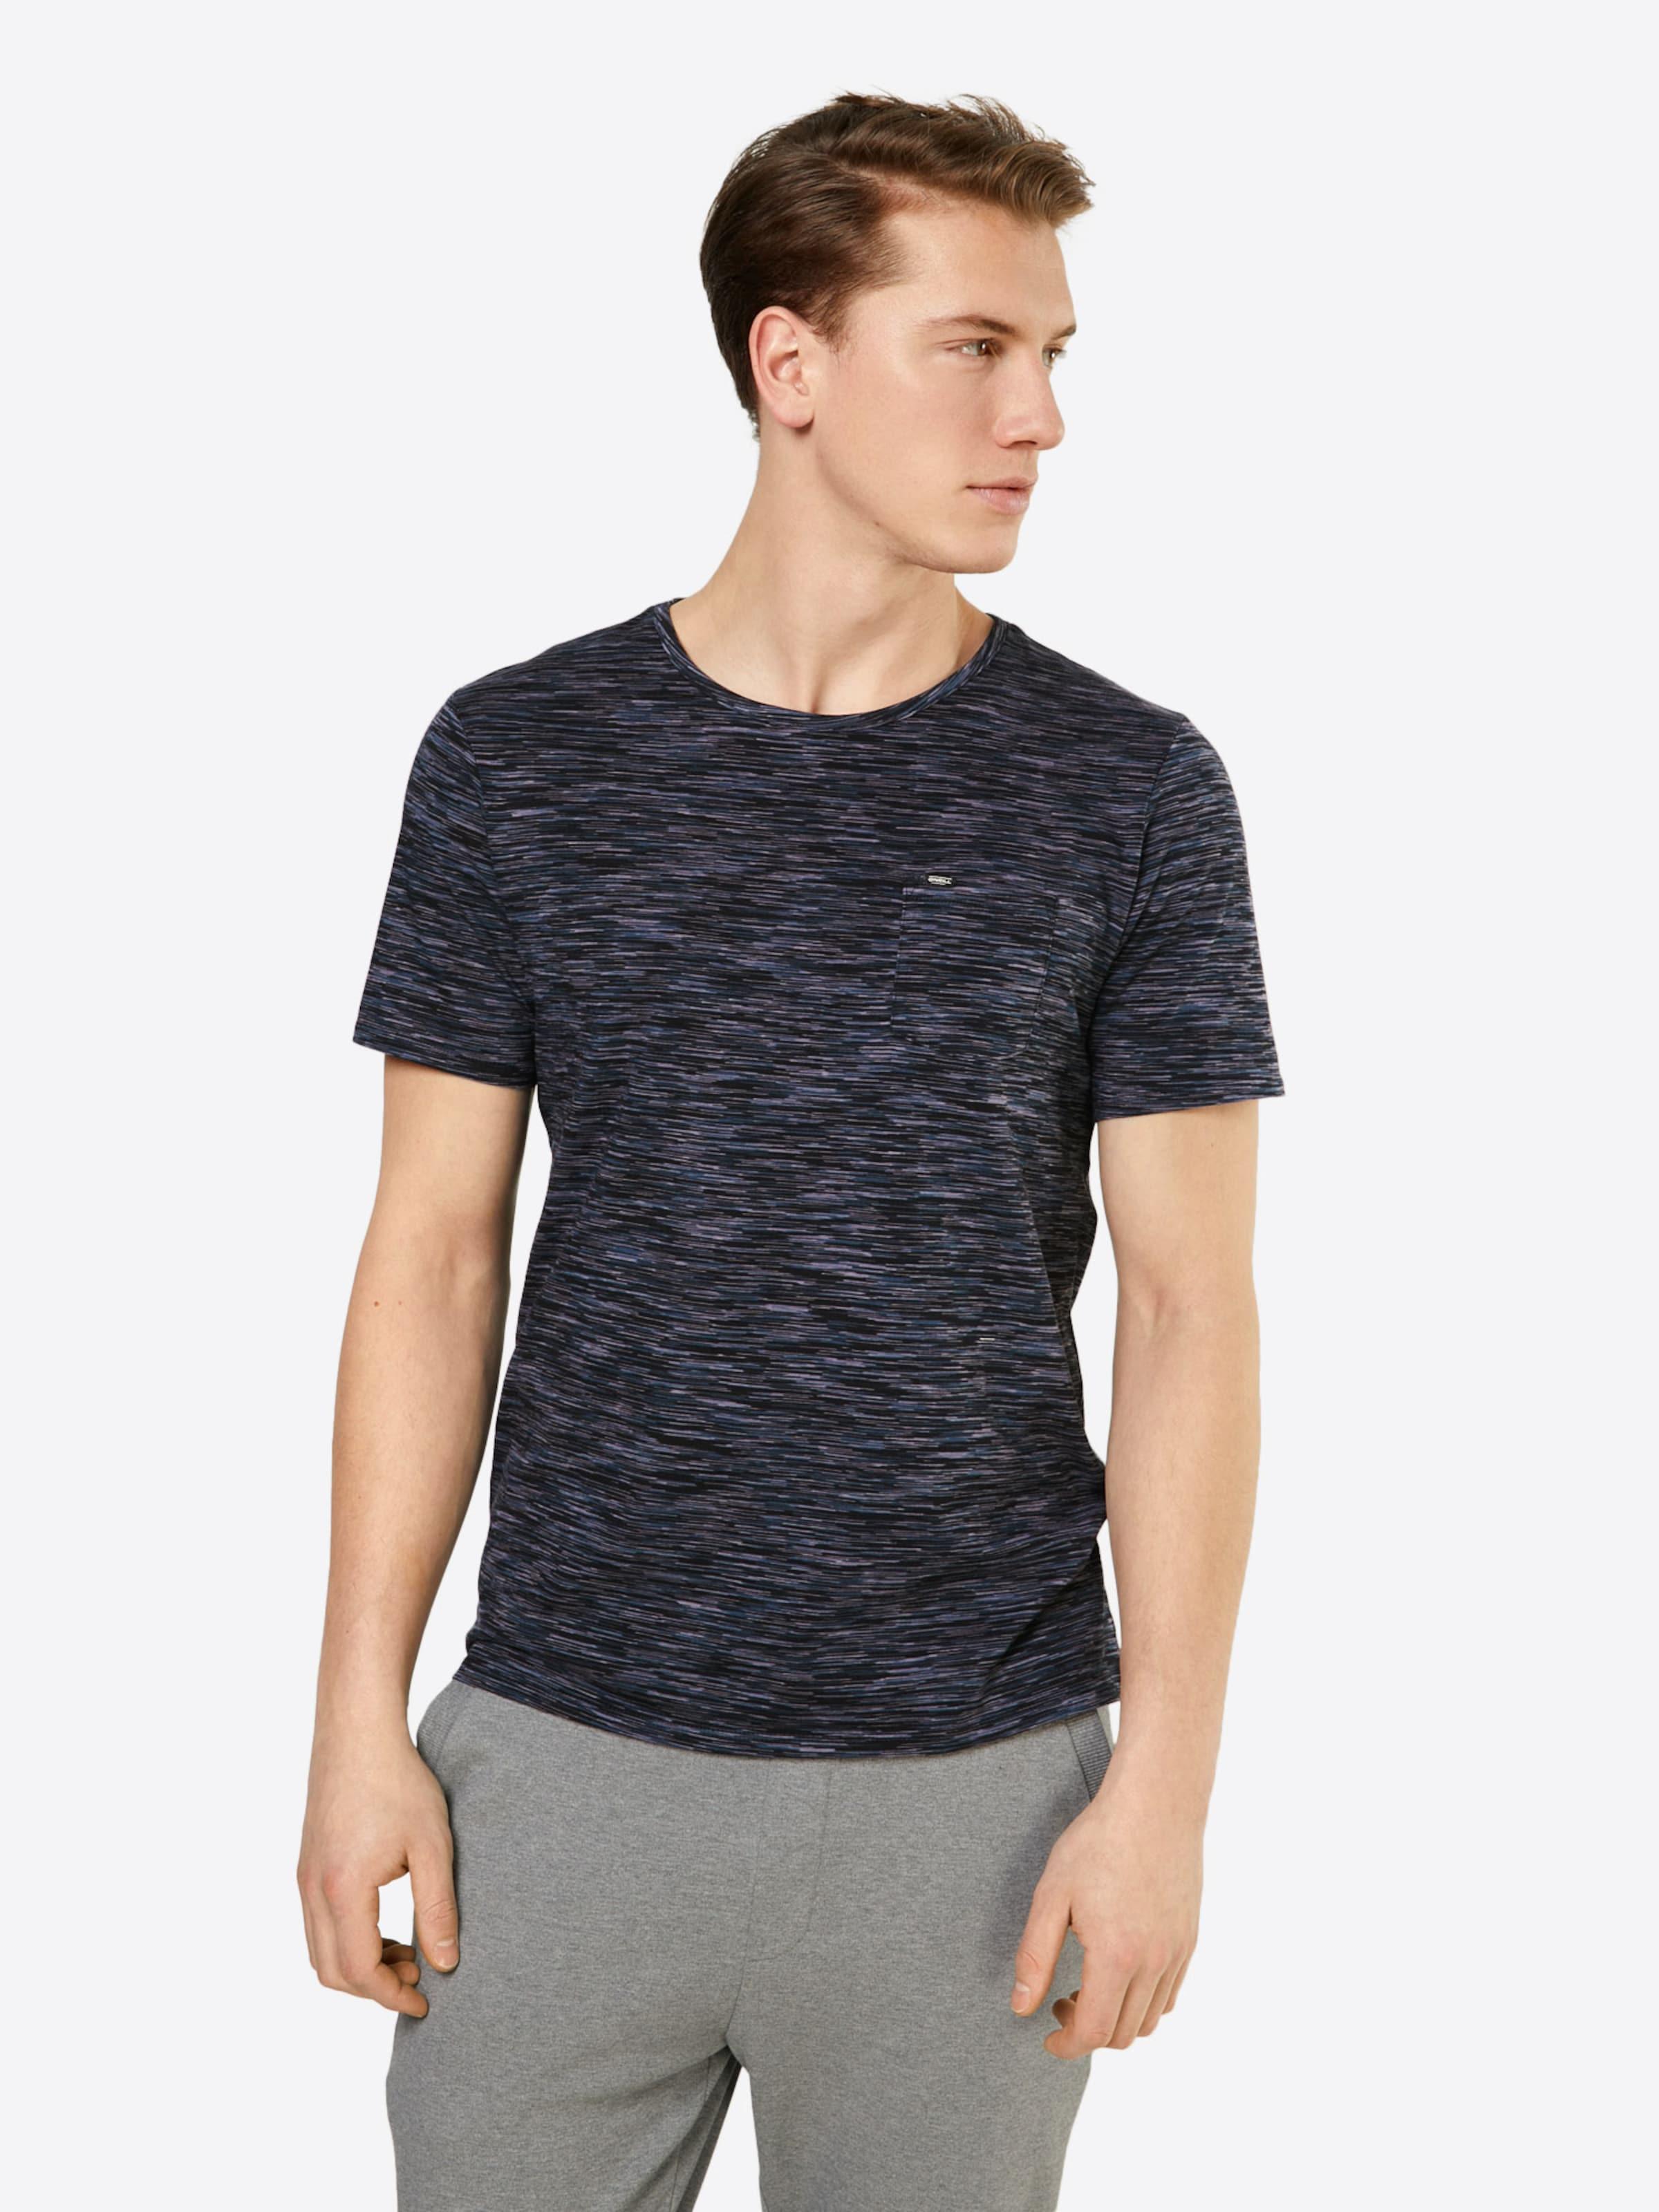 O'NEILL T-Shirt 'LM Jack's Special' Neue Angebote Verkauf Nicekicks Auslass Erstaunlicher Preis Günstiger Preis Top-Qualität DEmphhmdM